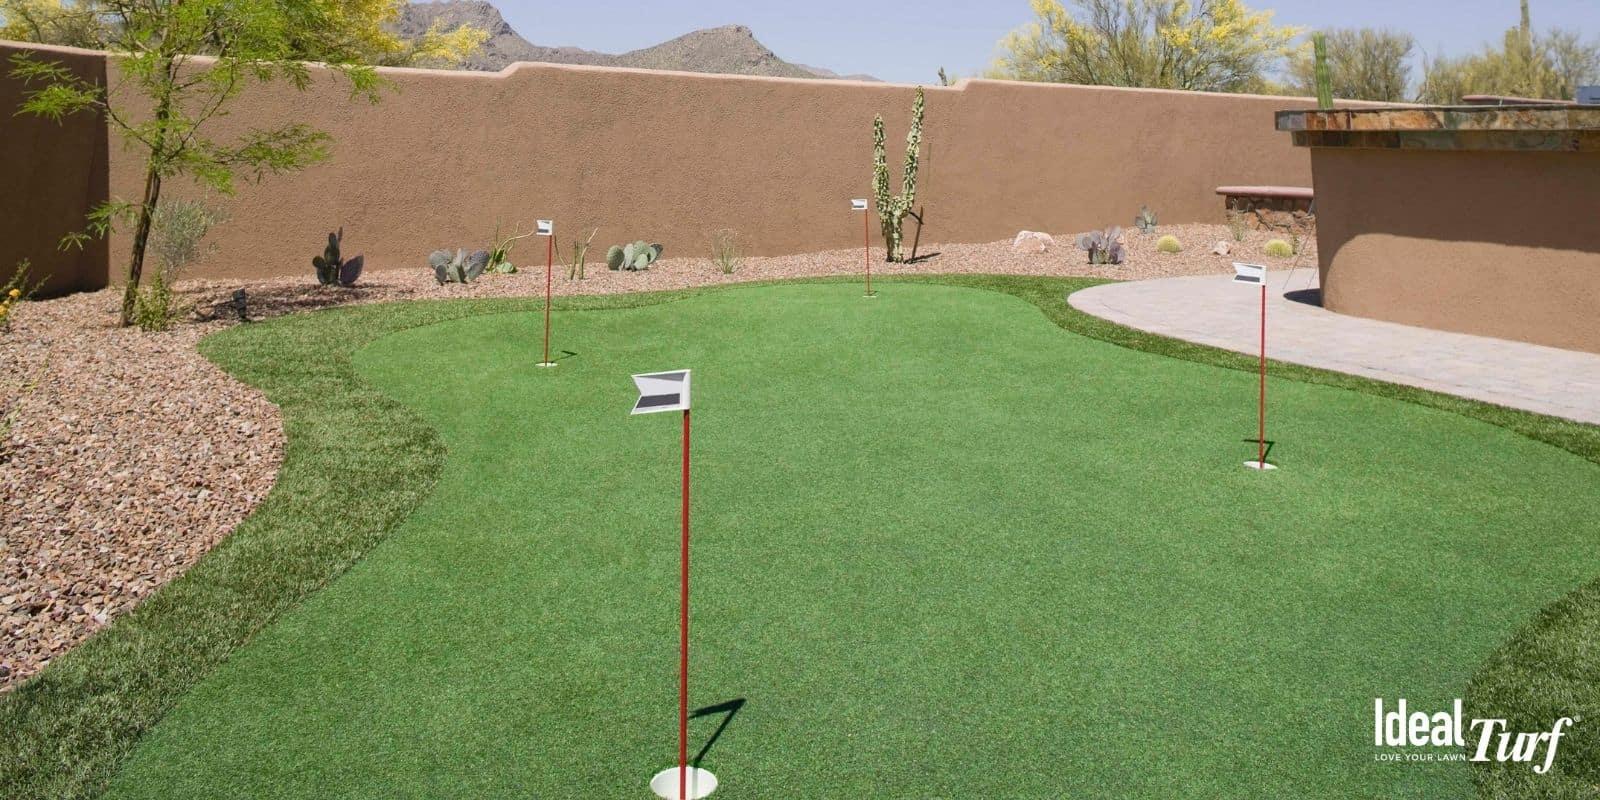 13. Backyard Turf Golf Green